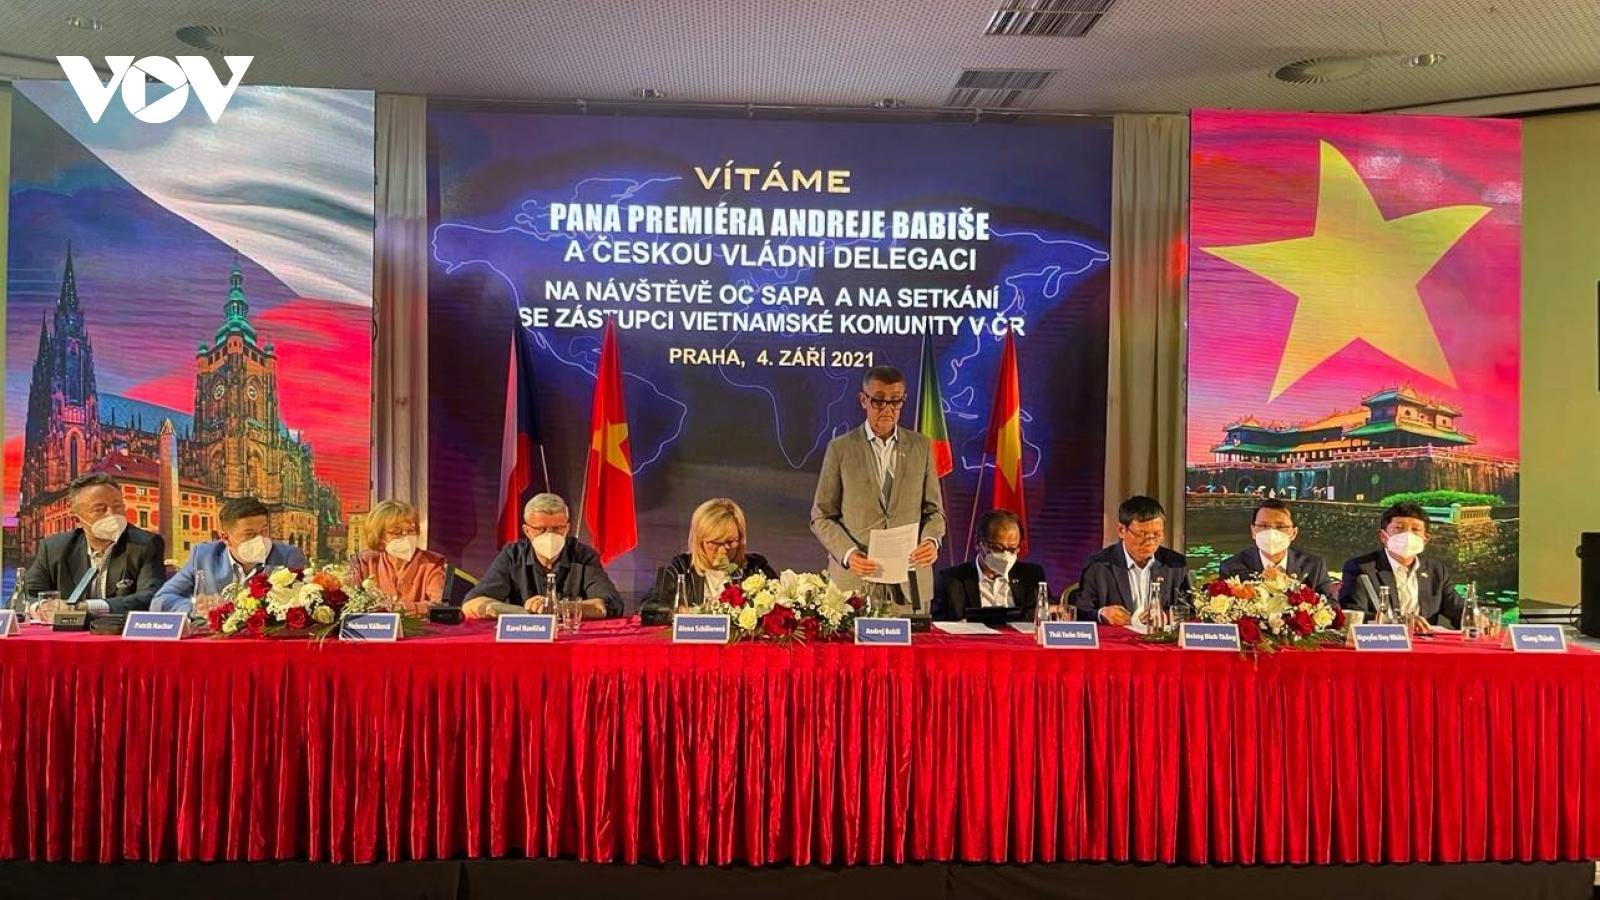 Thủ tướng Séc gặp gỡ đại diện cộng đồng người Việt tại Praha